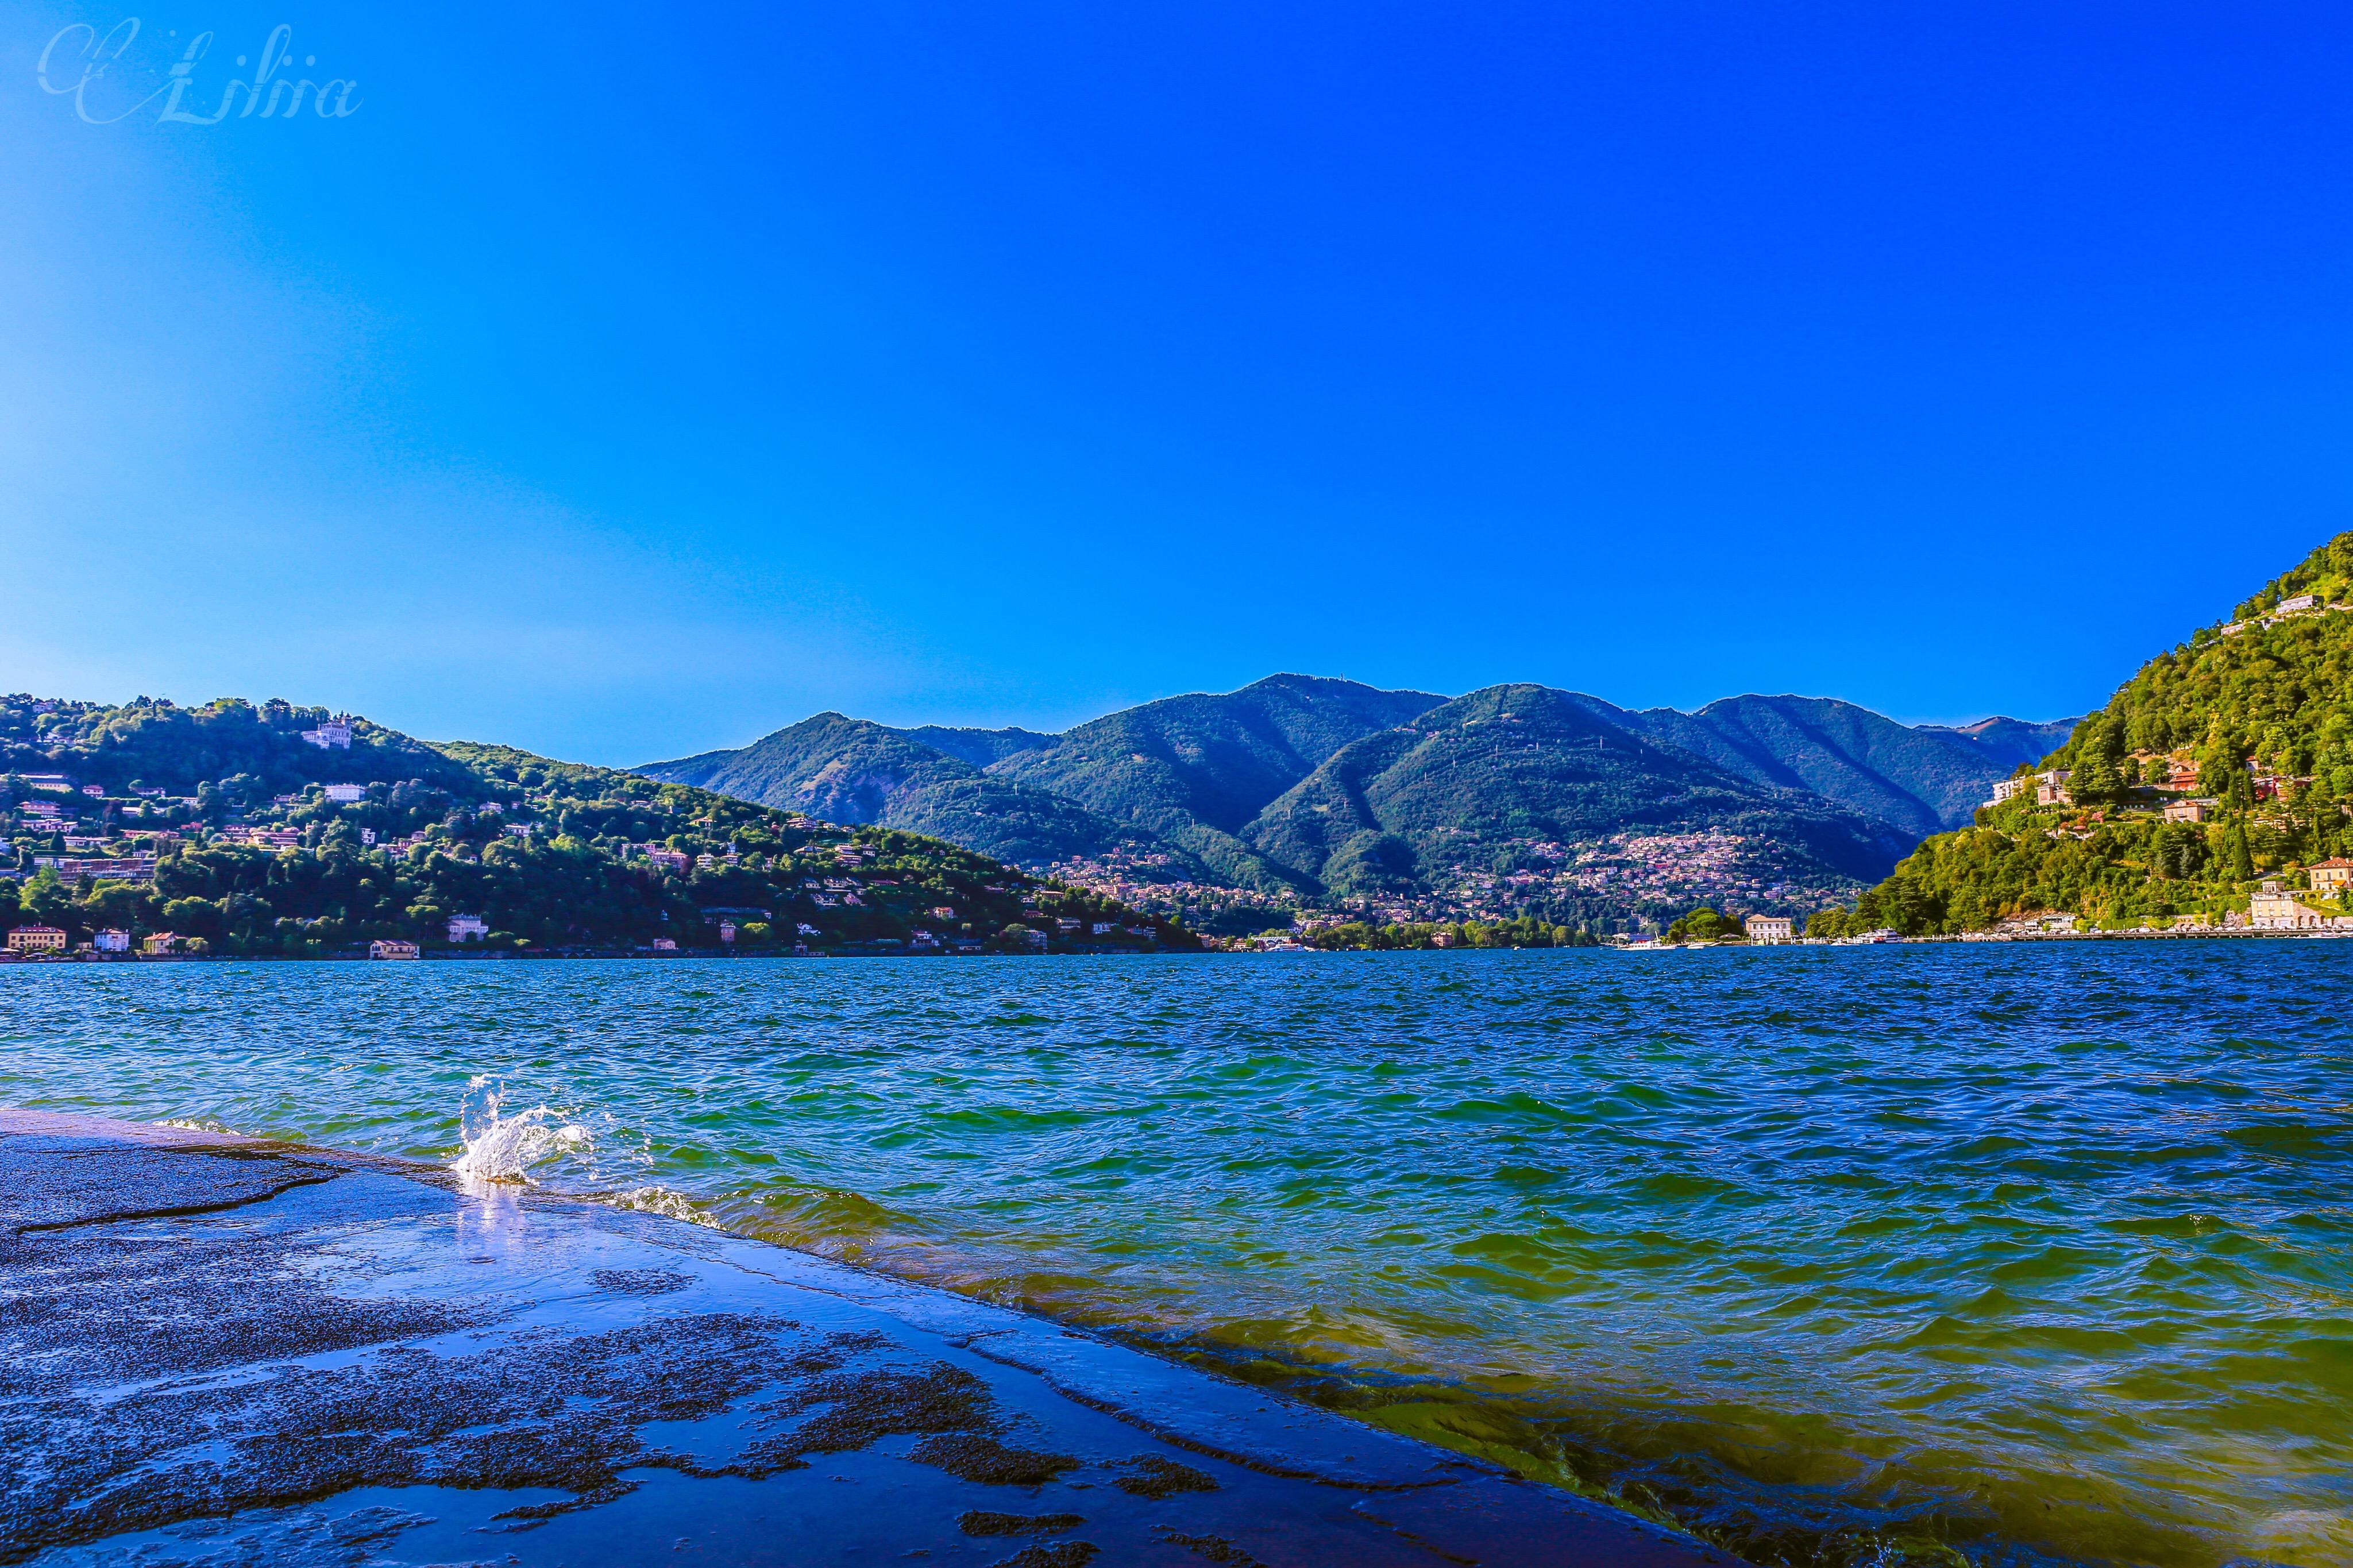 #freetoedit #naturephotography #landscapephotography #lake #nature #landscape #photooftheday #interesting #blue #summertime #summer